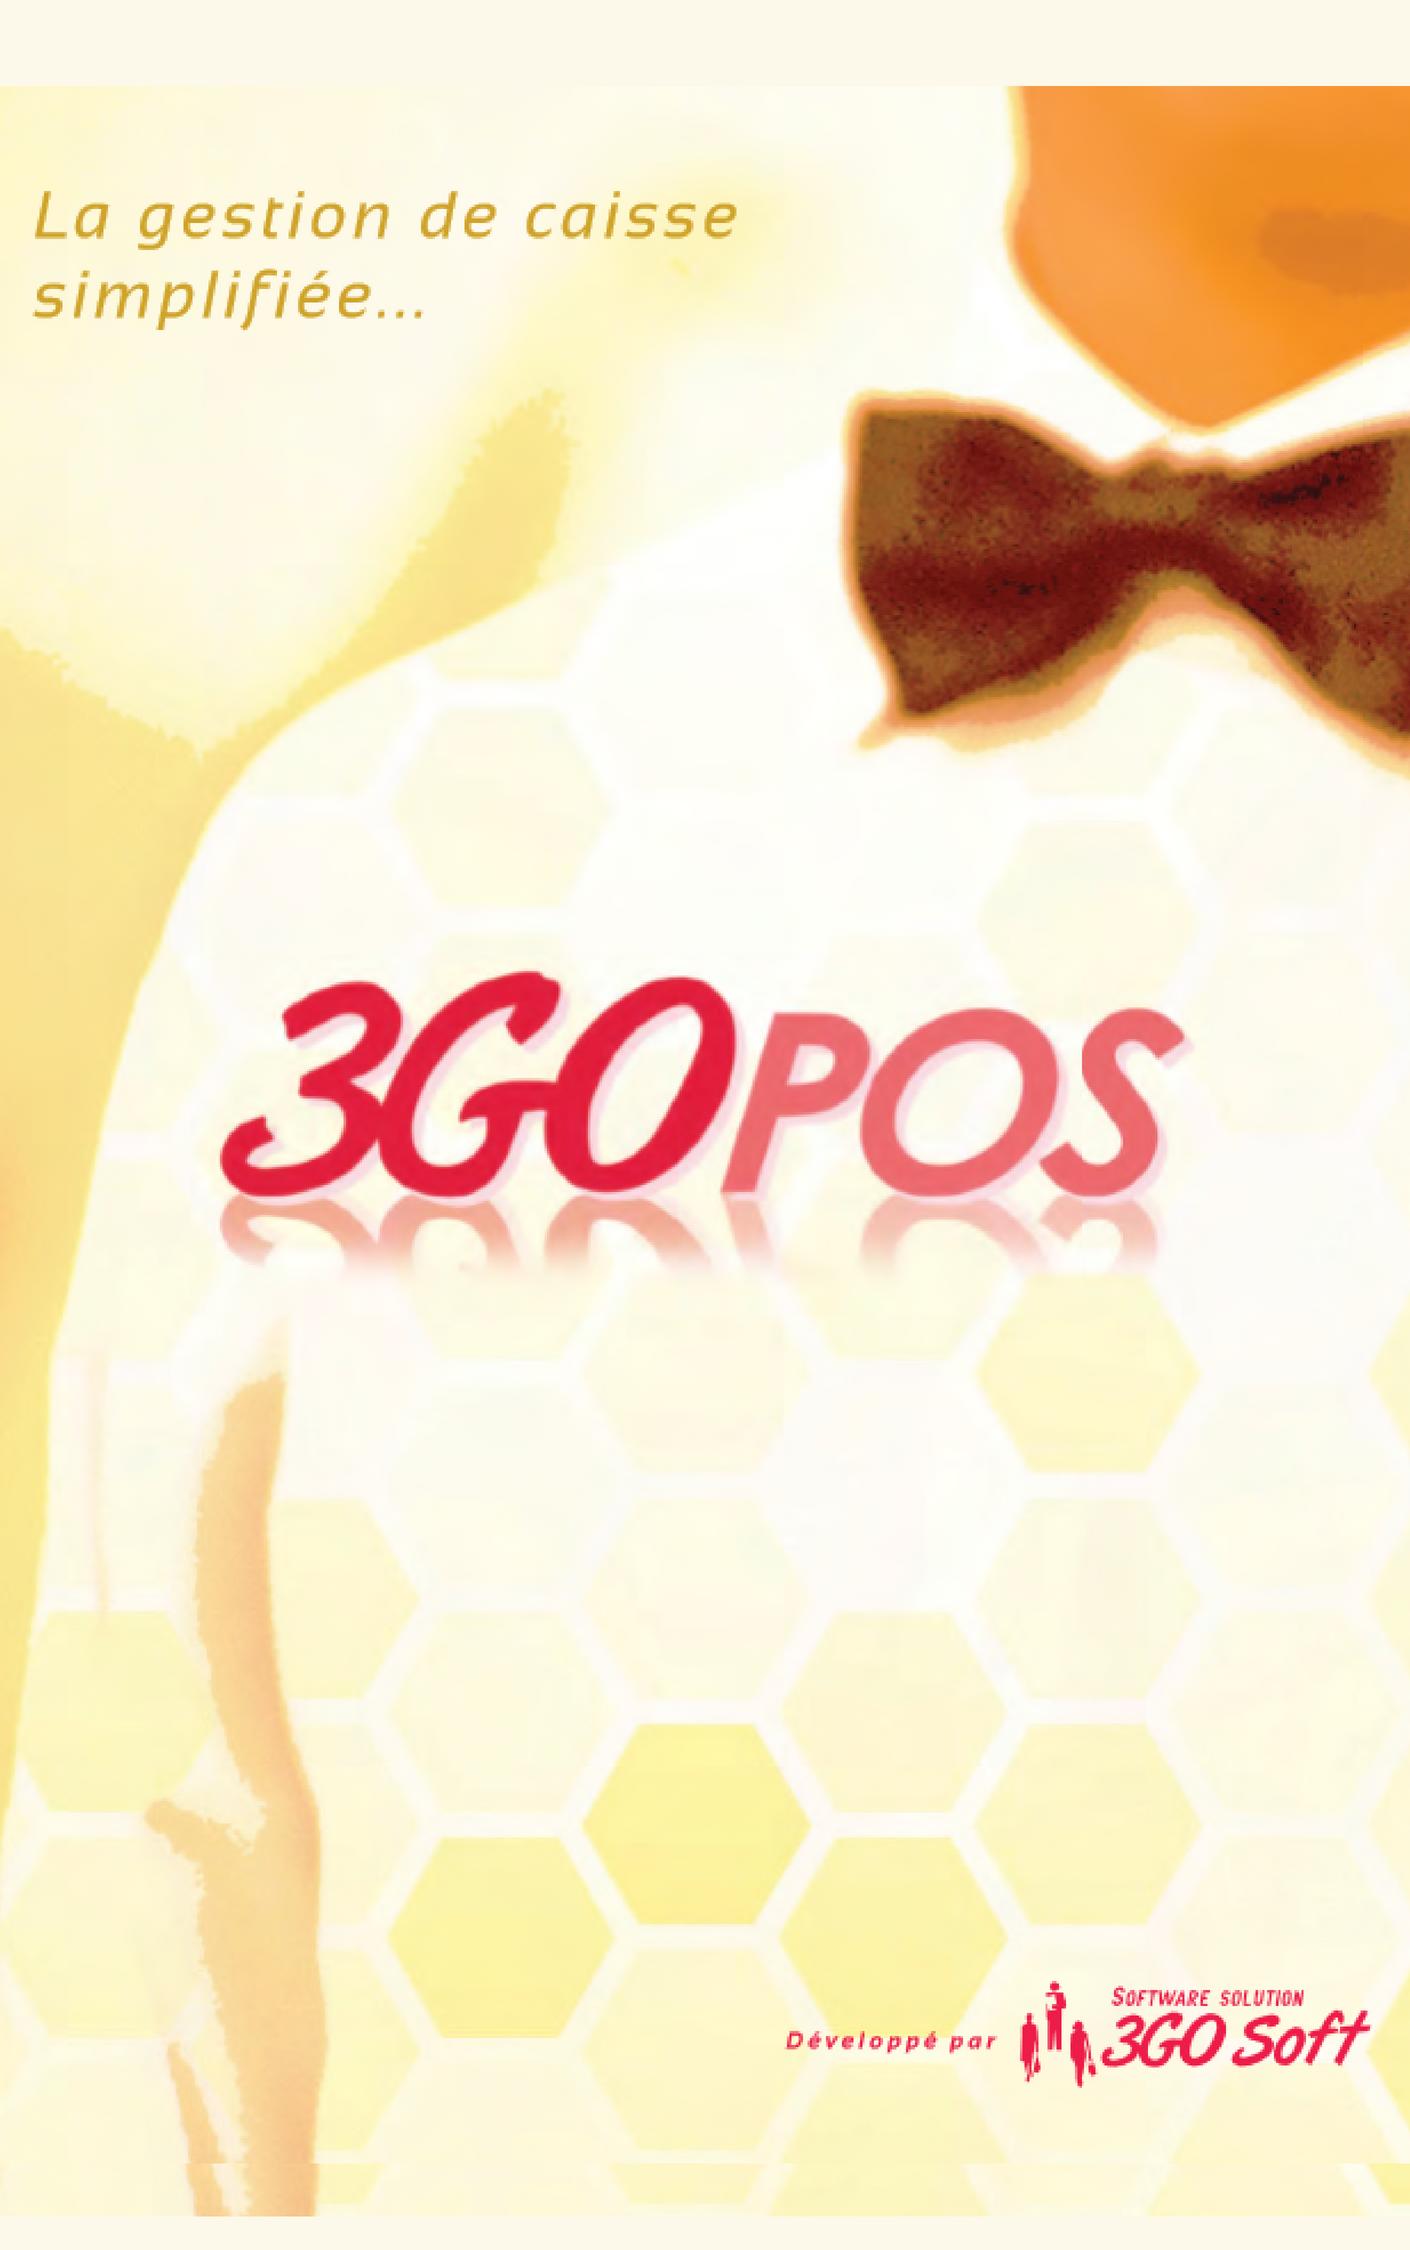 Guide 3GO POS Logiciel de gestion de caisse